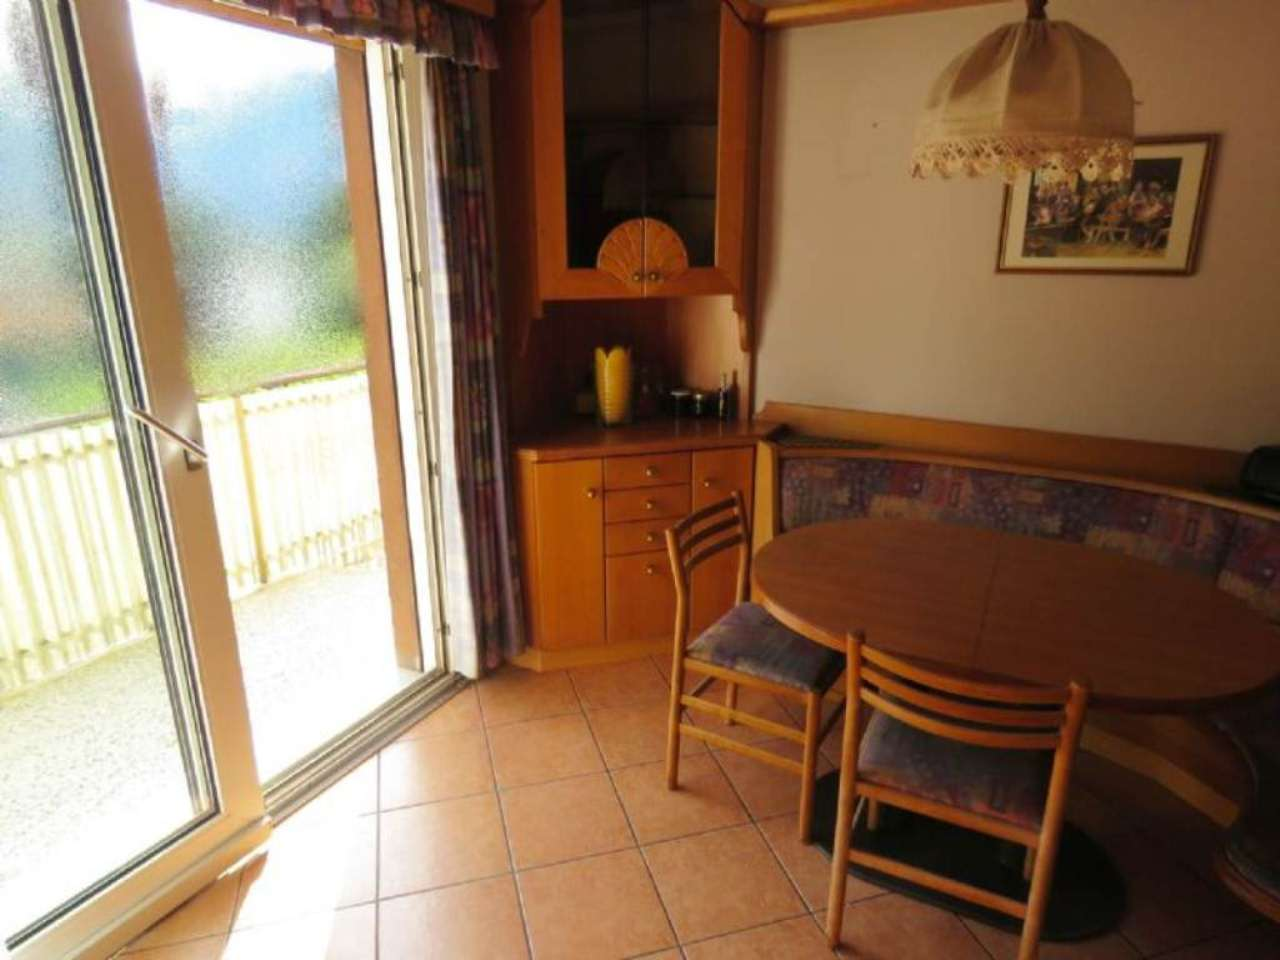 Attico / Mansarda in vendita a Salorno, 3 locali, prezzo € 195.000 | Cambio Casa.it